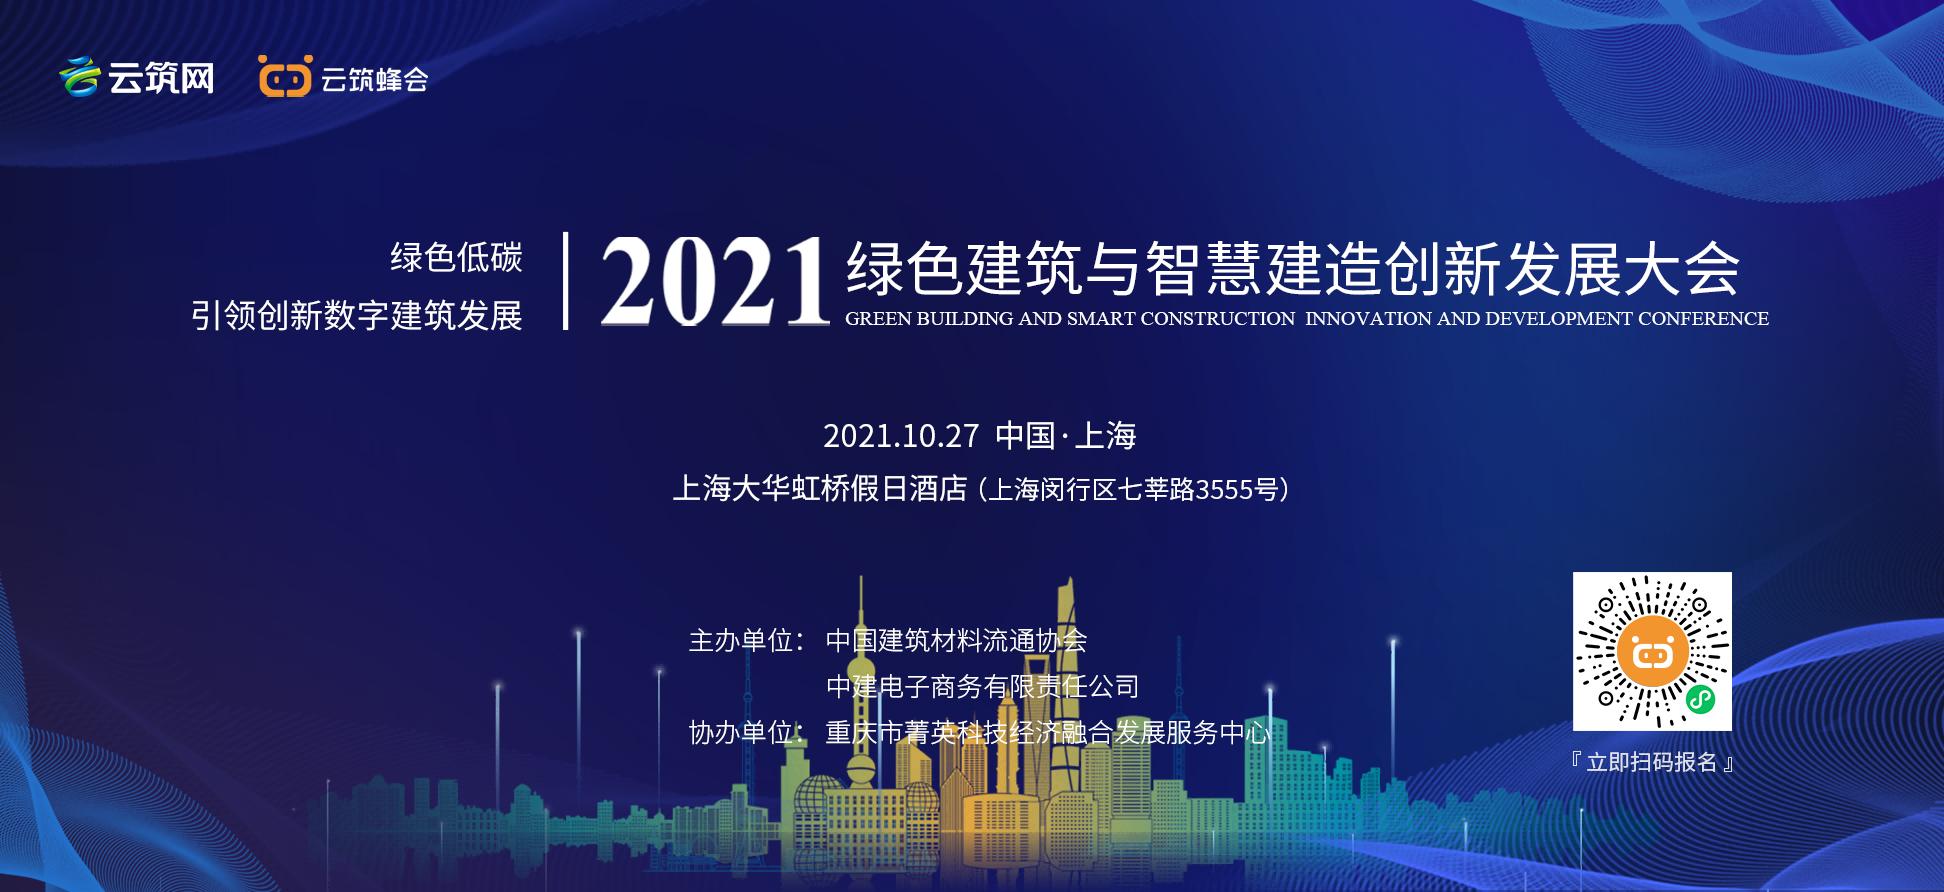 2021綠色建築與智慧建造創新發展大會